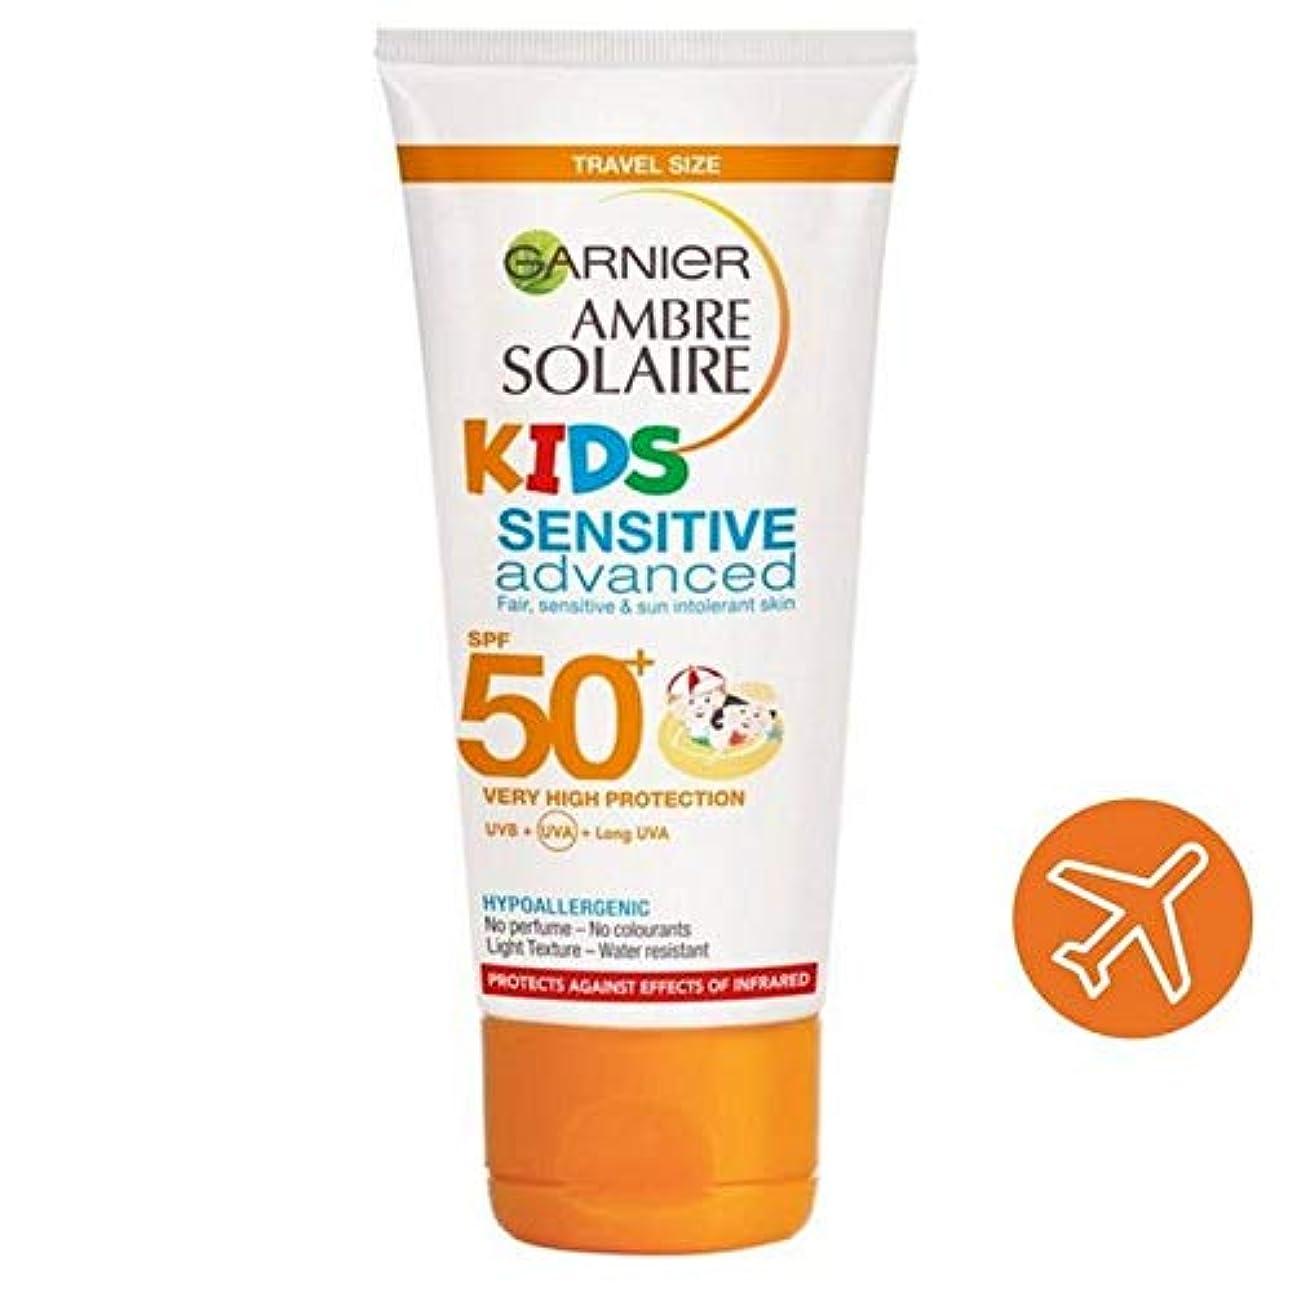 流行しているマインド購入[Garnier ] アンブレSolaire子供敏感サンクリームSpf50 + 50ミリリットル - Ambre Solaire Kids Sensitive Sun Cream SPF50+ 50ml [並行輸入品]